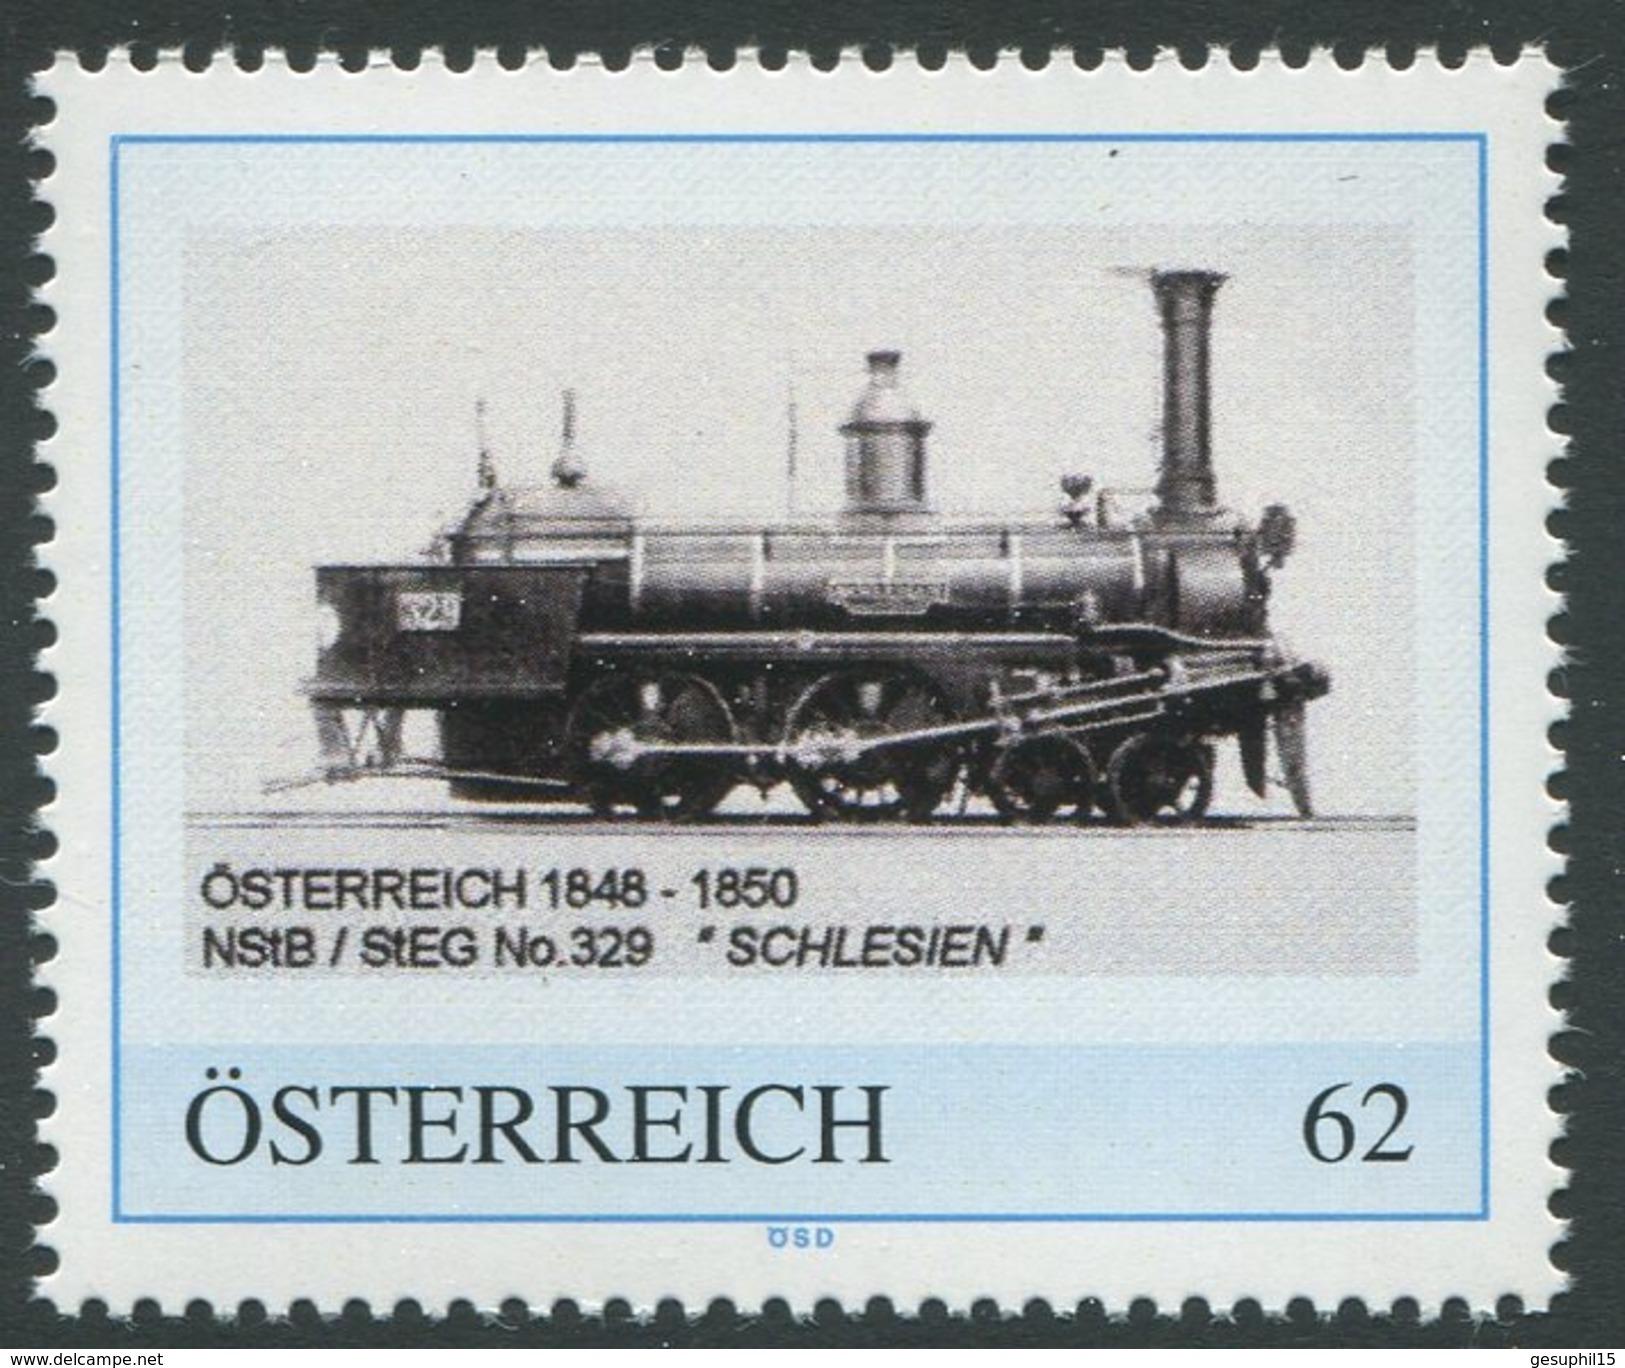 """ÖSTERREICH / Lokomotive 1848-1850 NStB / StEG No.329 """"Schlesien""""  / Postfrisch / ** / MNH - Österreich"""